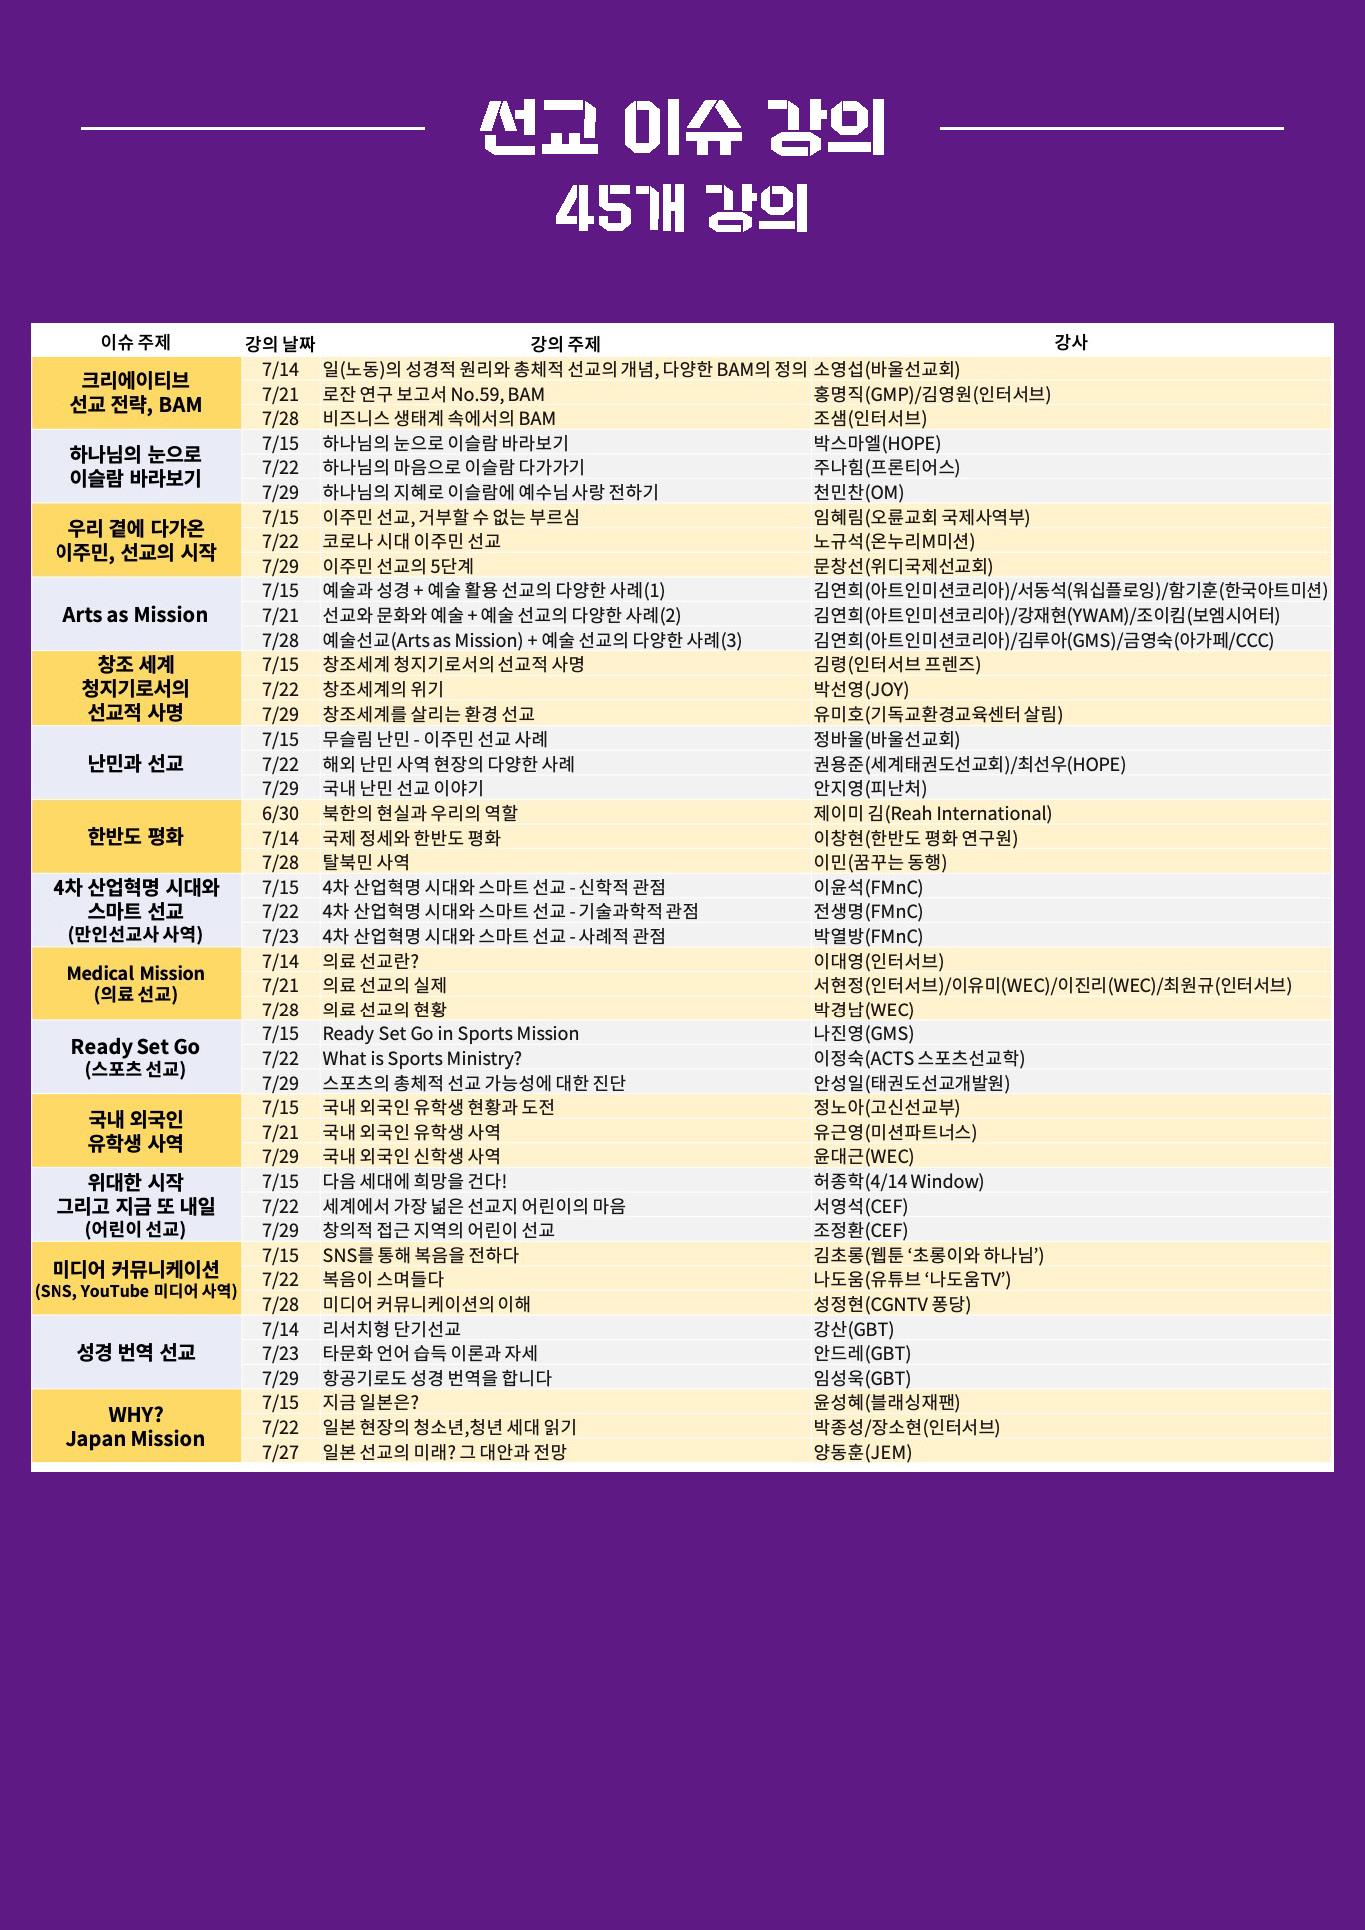 선교한국 2021 ON다_페이지_3.jpg